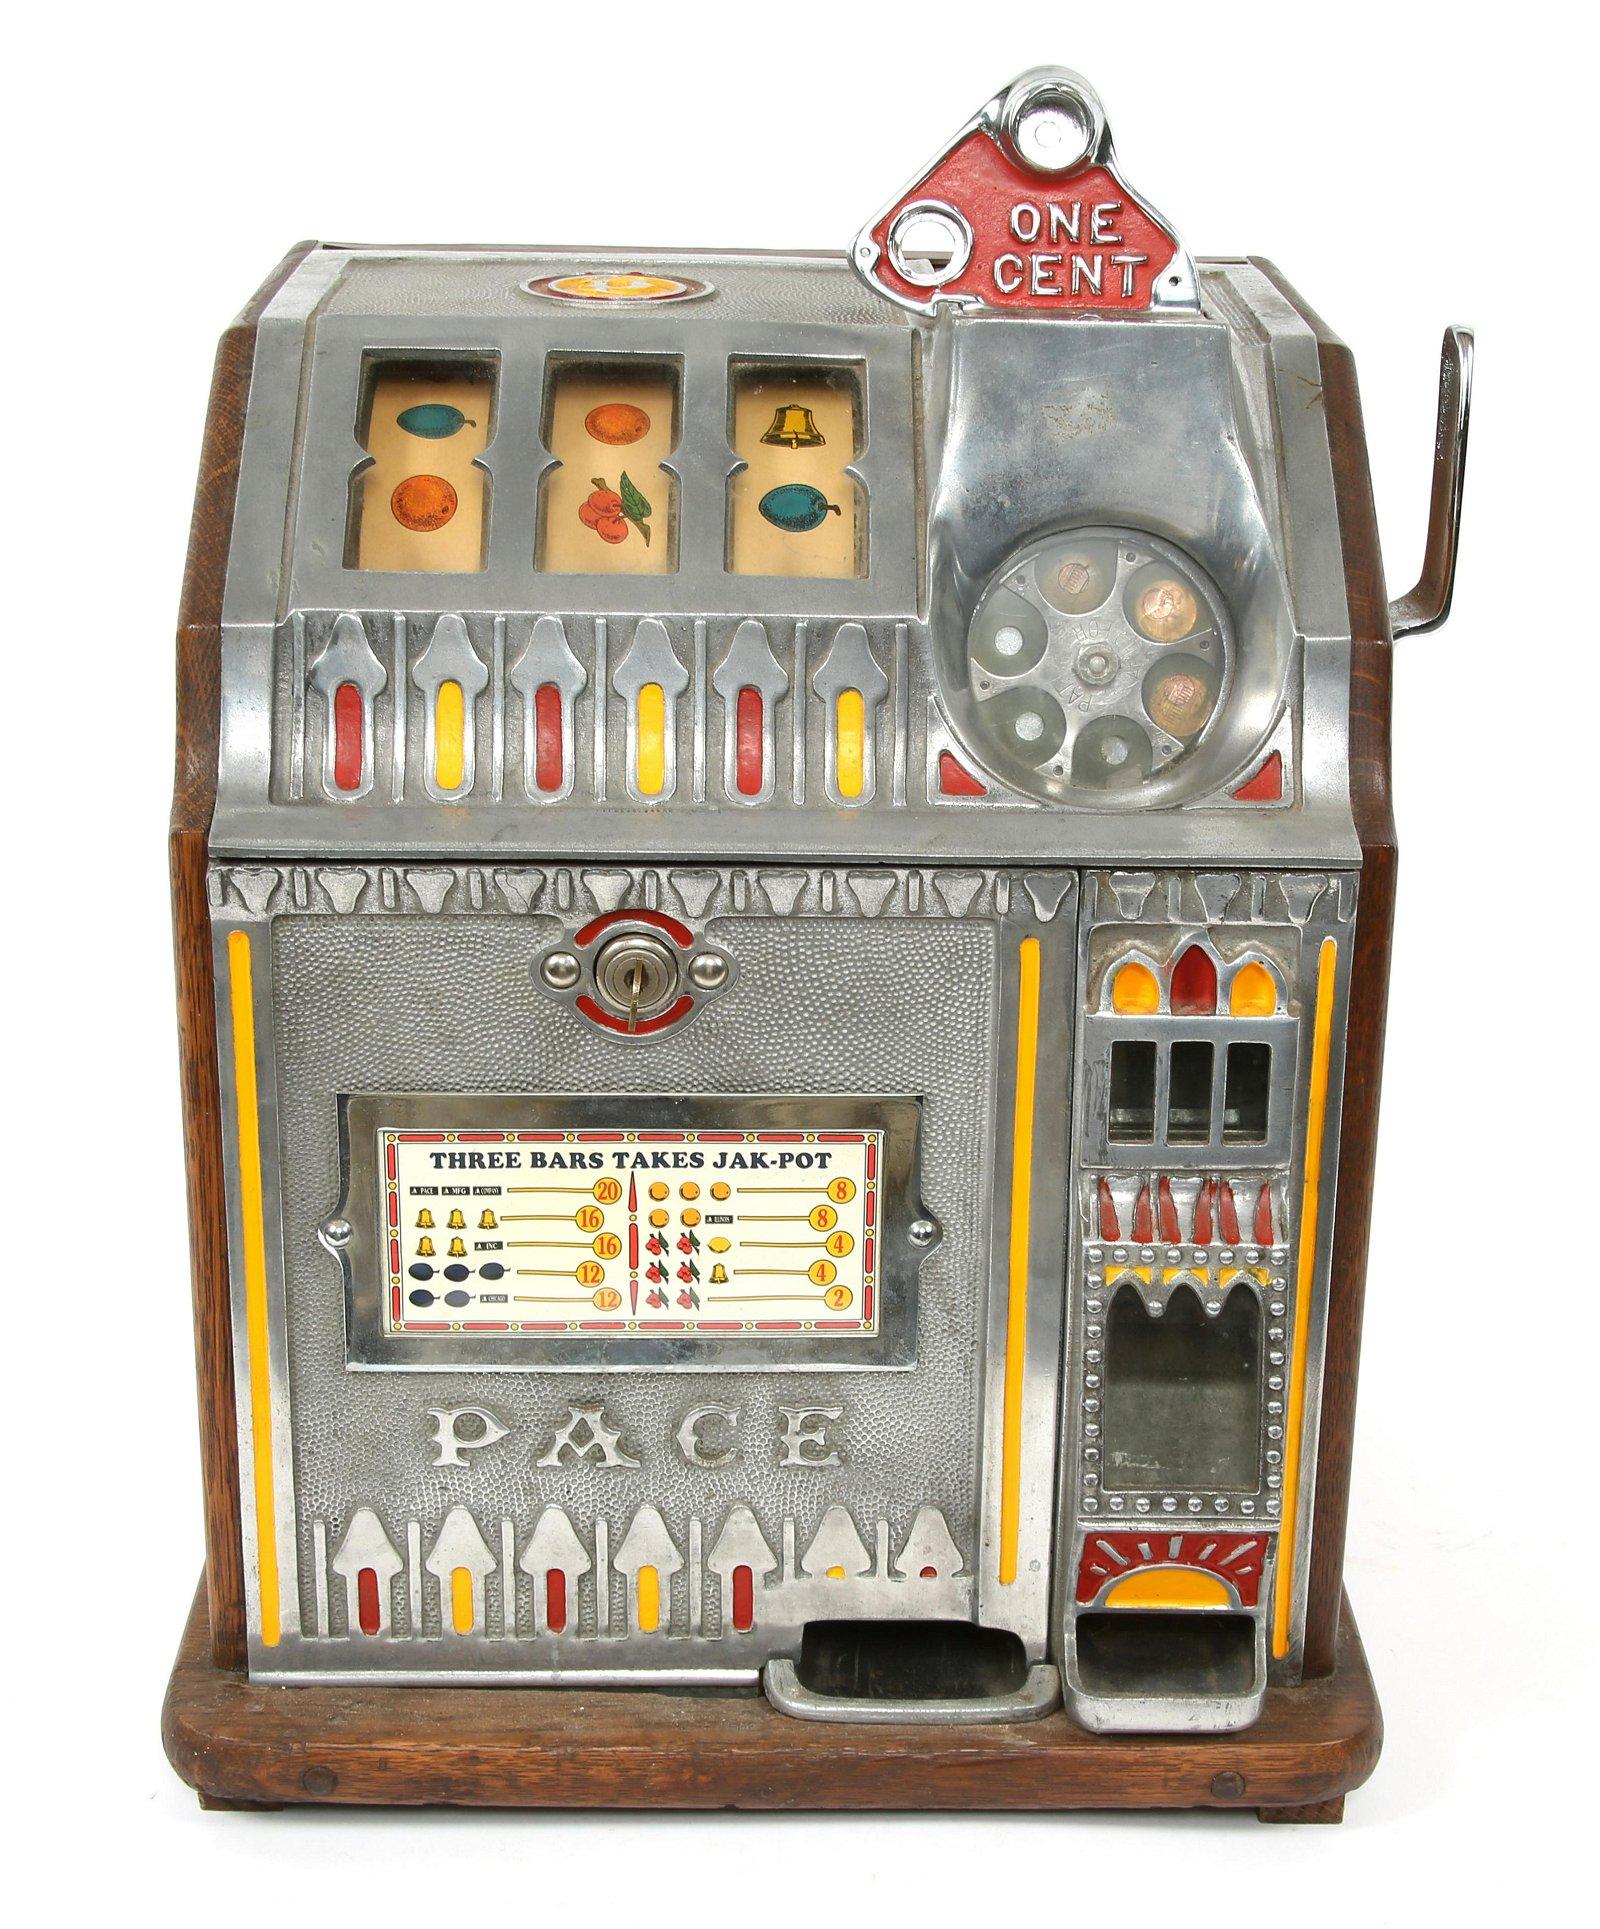 PACE BANTAM 1 CENT SLOT MACHINE